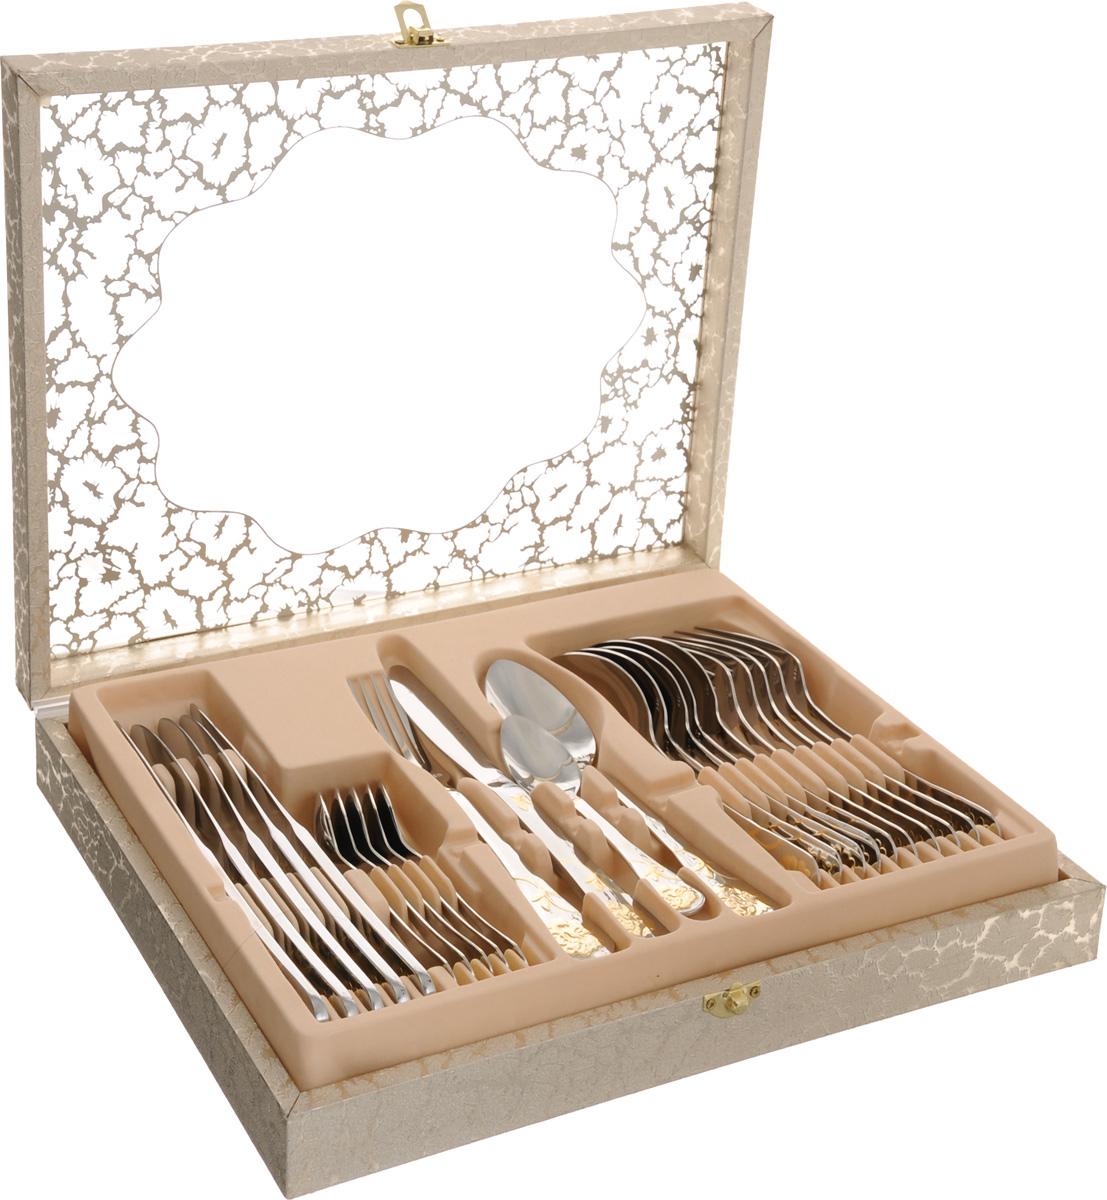 Набор столовых приборов Mayer&Boch, 24 предмета. 23352115510Набор Mayer & Boch состоит из 24 предметов: 6 столовых ножей, 6 столовых ложек, 6 вилок и 6 чайных ложек. Приборы выполнены из высококачественной нержавеющей стали 18/10. Ручки приборов украшены золотистым рельефным рисунком и зеркальной полировкой. Прекрасное сочетание контрастного дизайна и удобство использования изделий придется по душе каждому. Набор столовых приборов Mayer & Boch подойдет для сервировки стола как дома, так и на даче и всегда будет важной частью трапезы, а также станет замечательным подарком. Длина ножа: 23 см. Длина лезвия ножа: 6,5 см.Длина столовой ложки: 20,5 см.Размер рабочей части столовой ложки: 6,5 х 4,5 см.Длина вилки: 20,5 см. Размер рабочей части вилки: 5 х 2,5 см.Длина чайной ложки: 14,5 см. Размер рабочей части чайной ложки: 4,5 х 3 см.